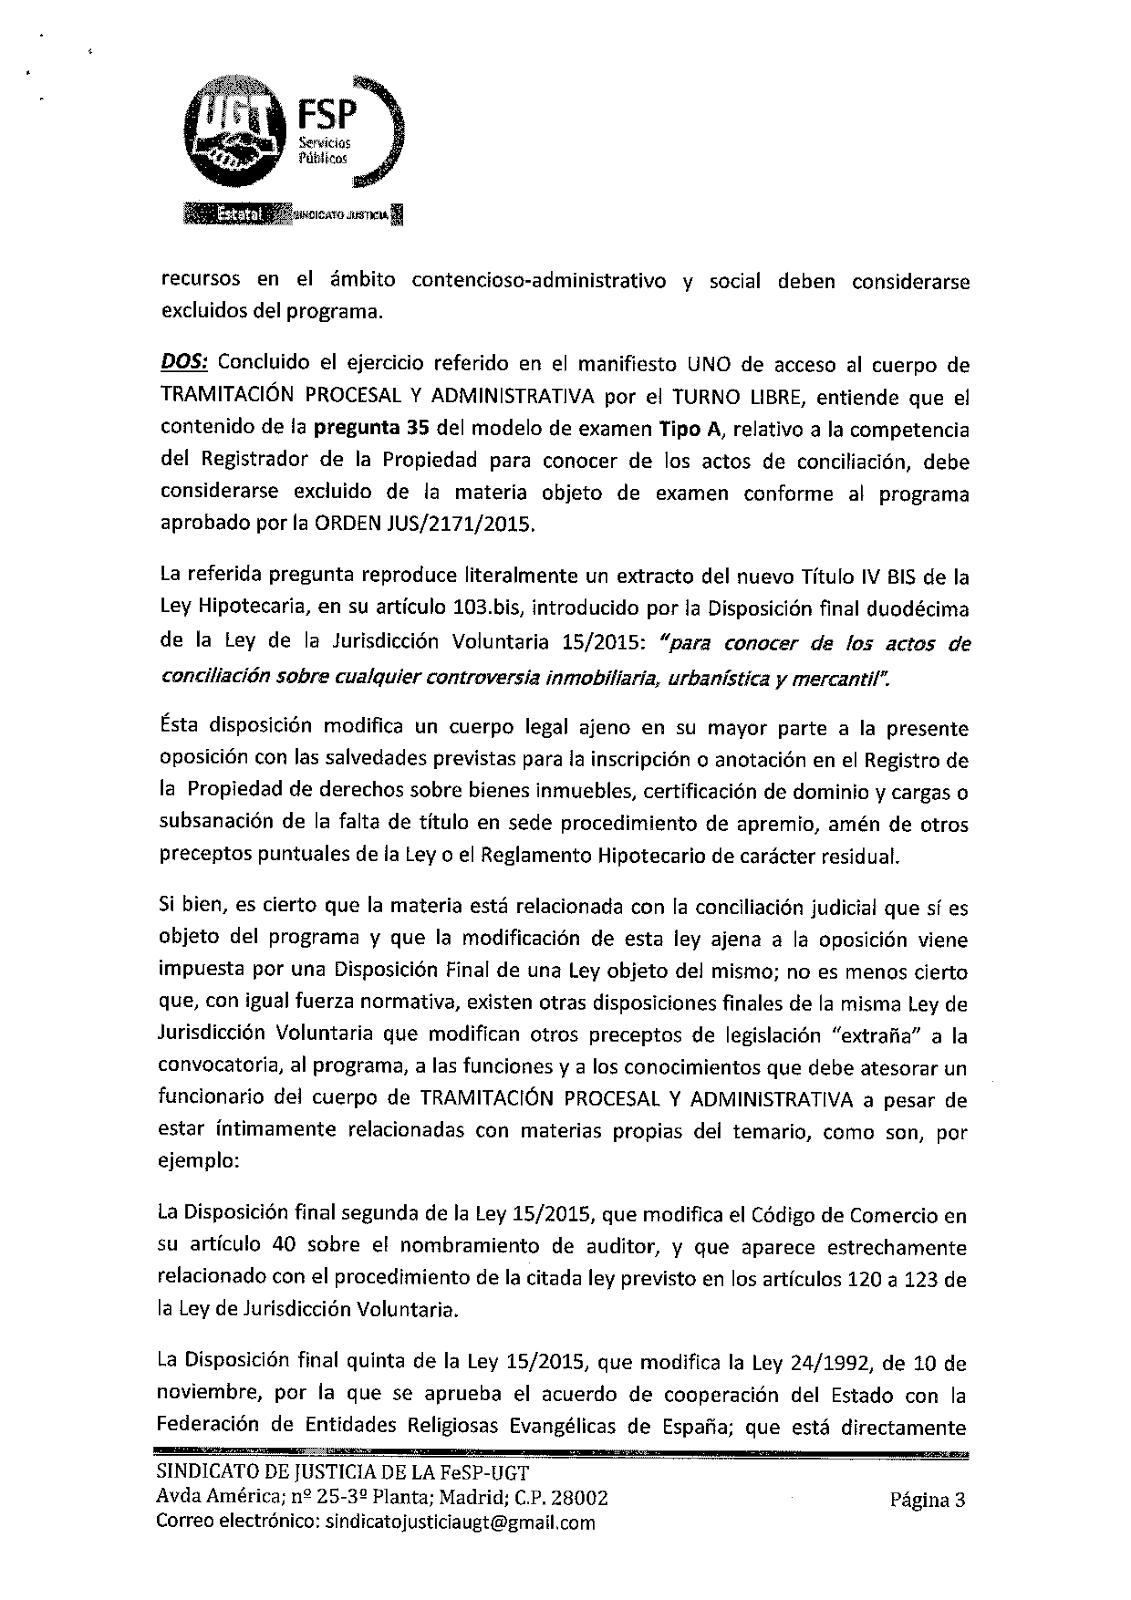 Asombroso Plantilla De Acuerdo De Exclusividad Elaboración - Ejemplo ...